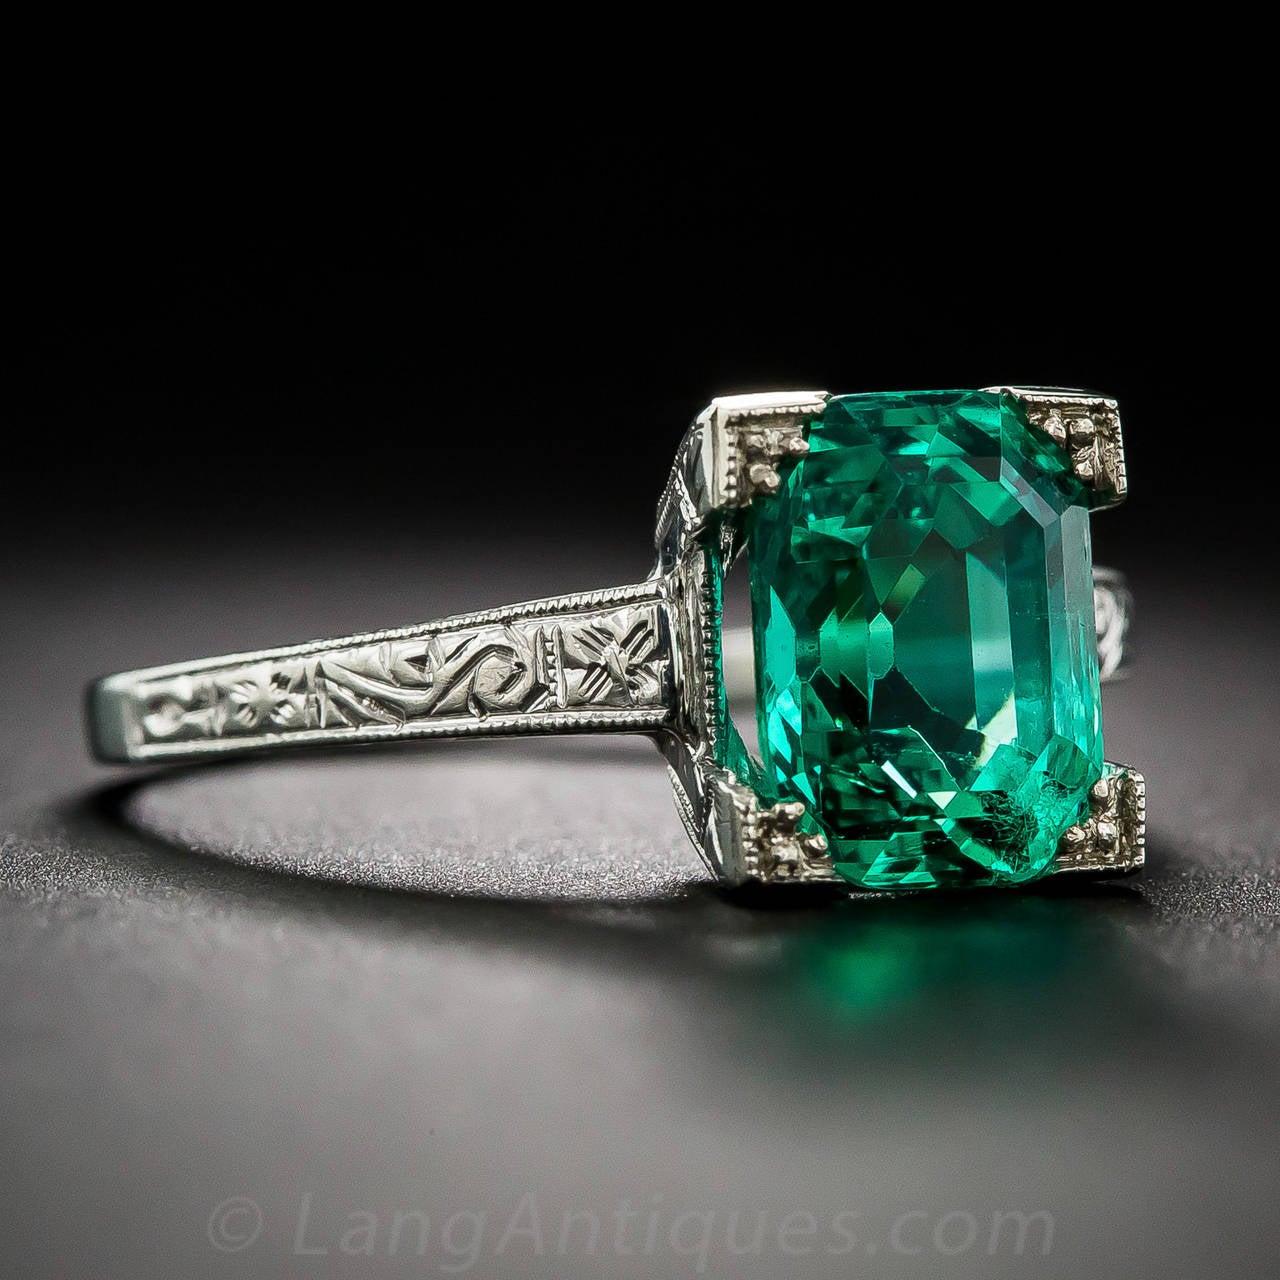 Art Deco 2 44 Carat Natural No Enhancement Emerald Ring At